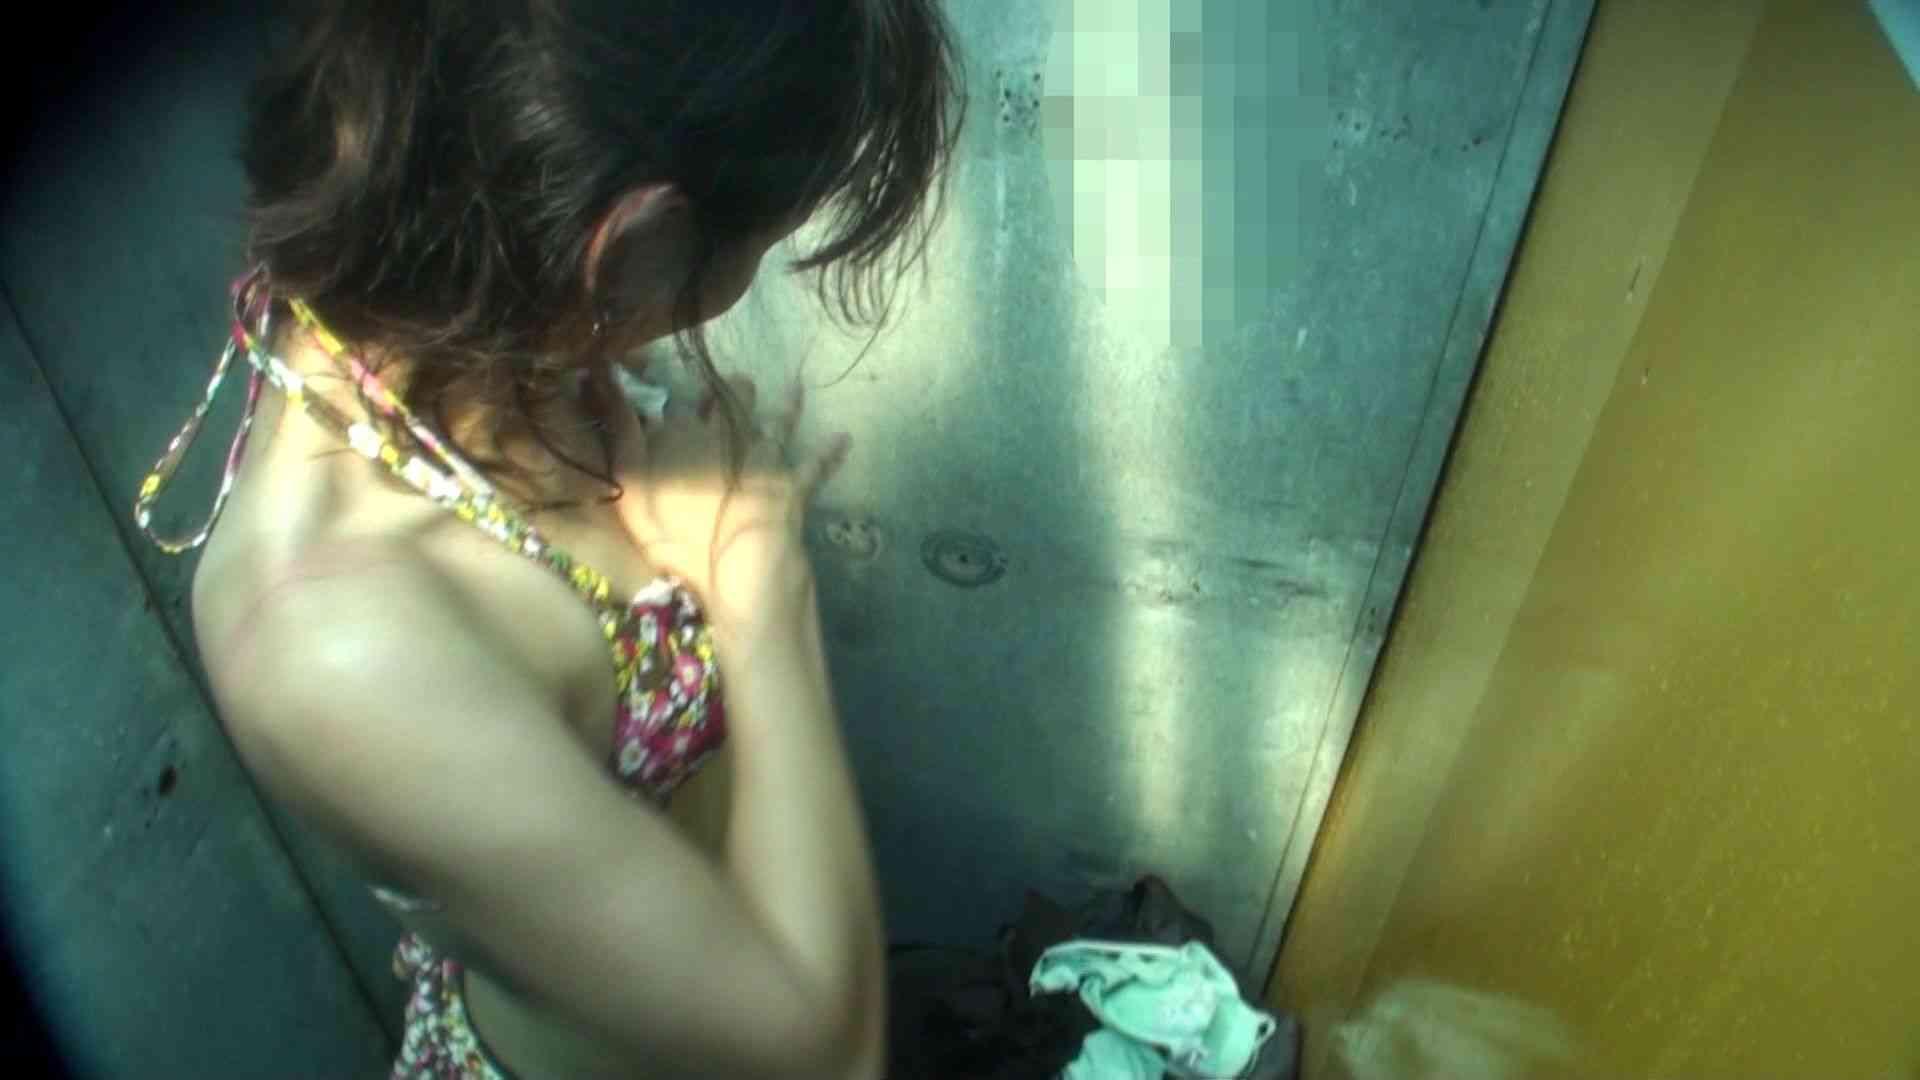 シャワールームは超!!危険な香りVol.16 意外に乳首は年増のそれ チクビ 盗撮画像 105画像 47